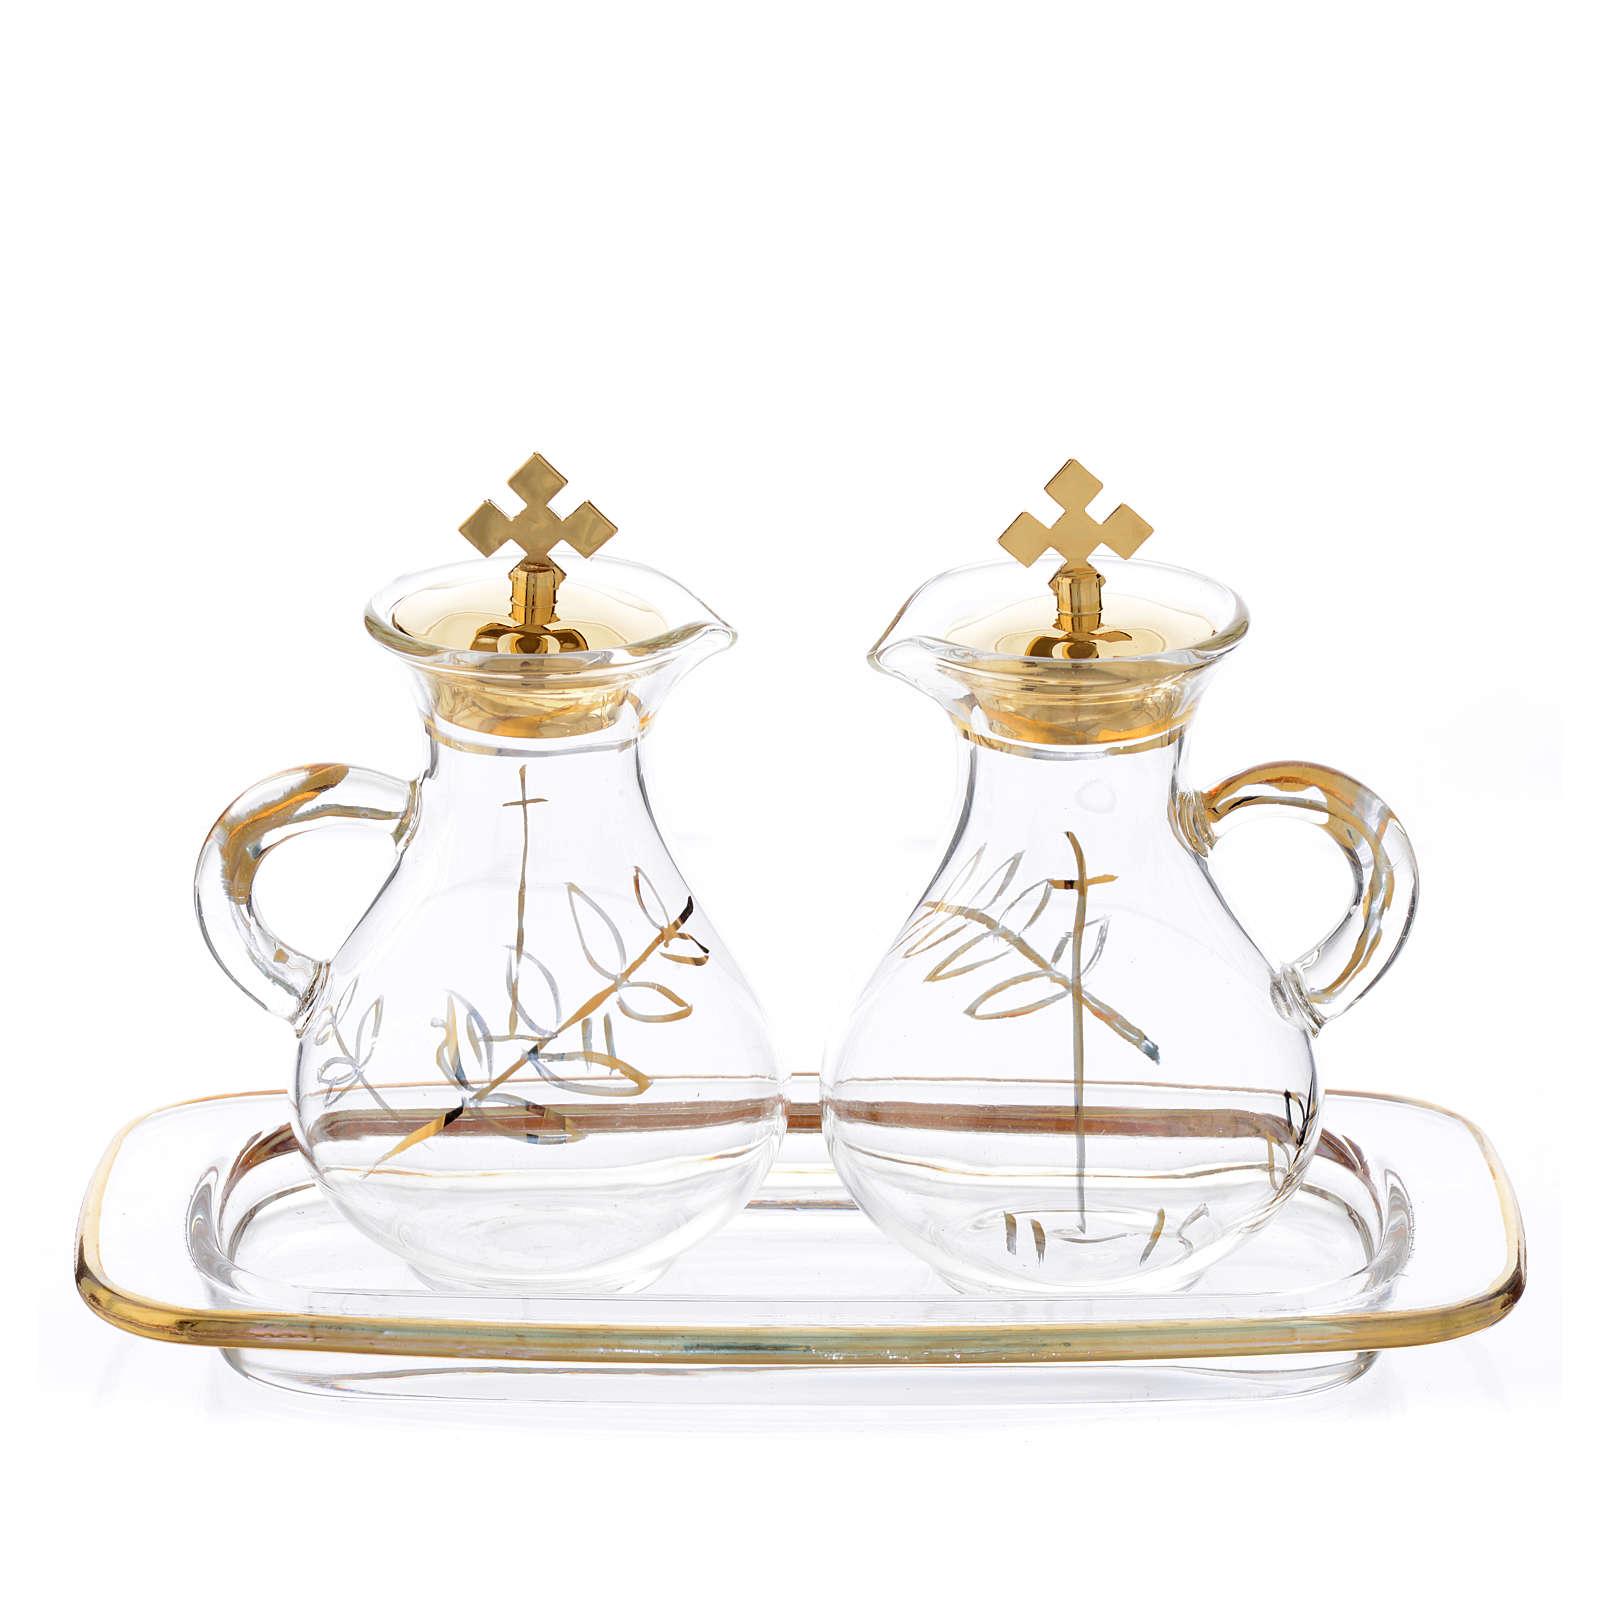 Ampolline in vetro vassoio quadro decoro oro 4